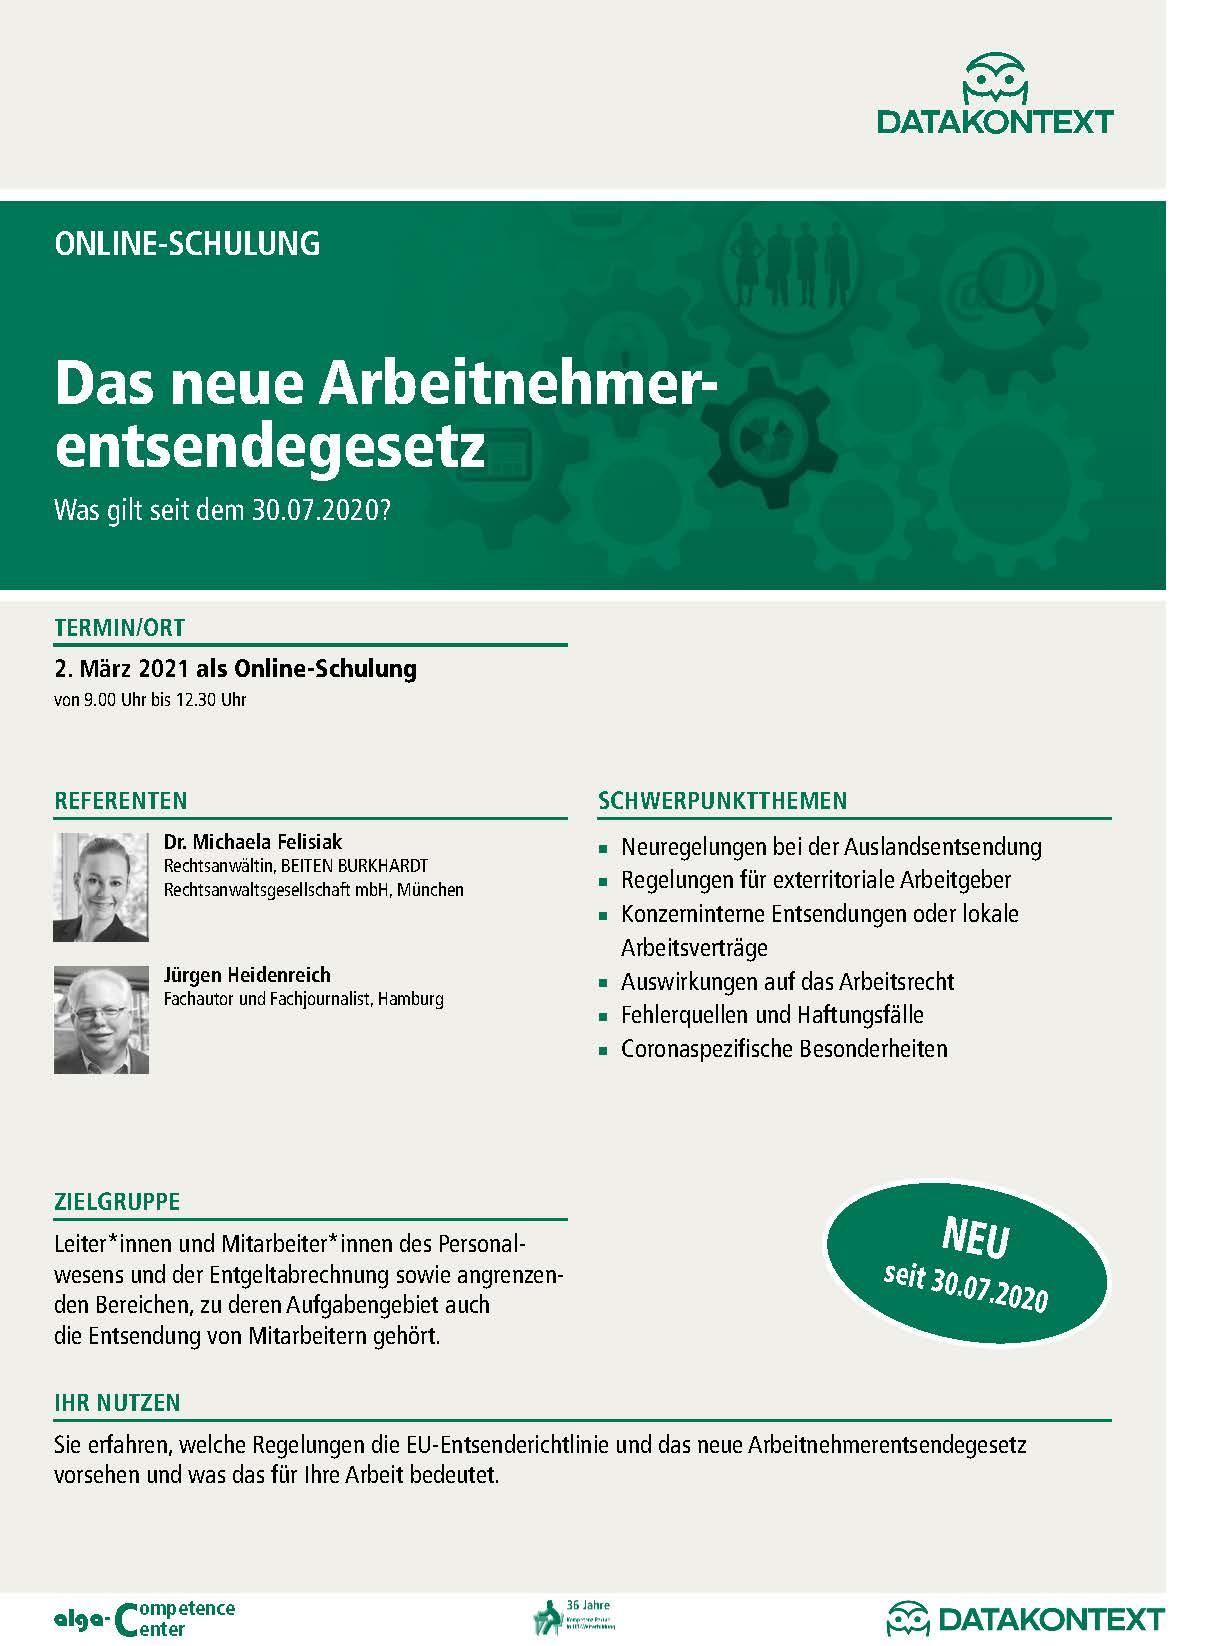 Online-Schulung: Das neue Arbeitnehmerentsendegesetz